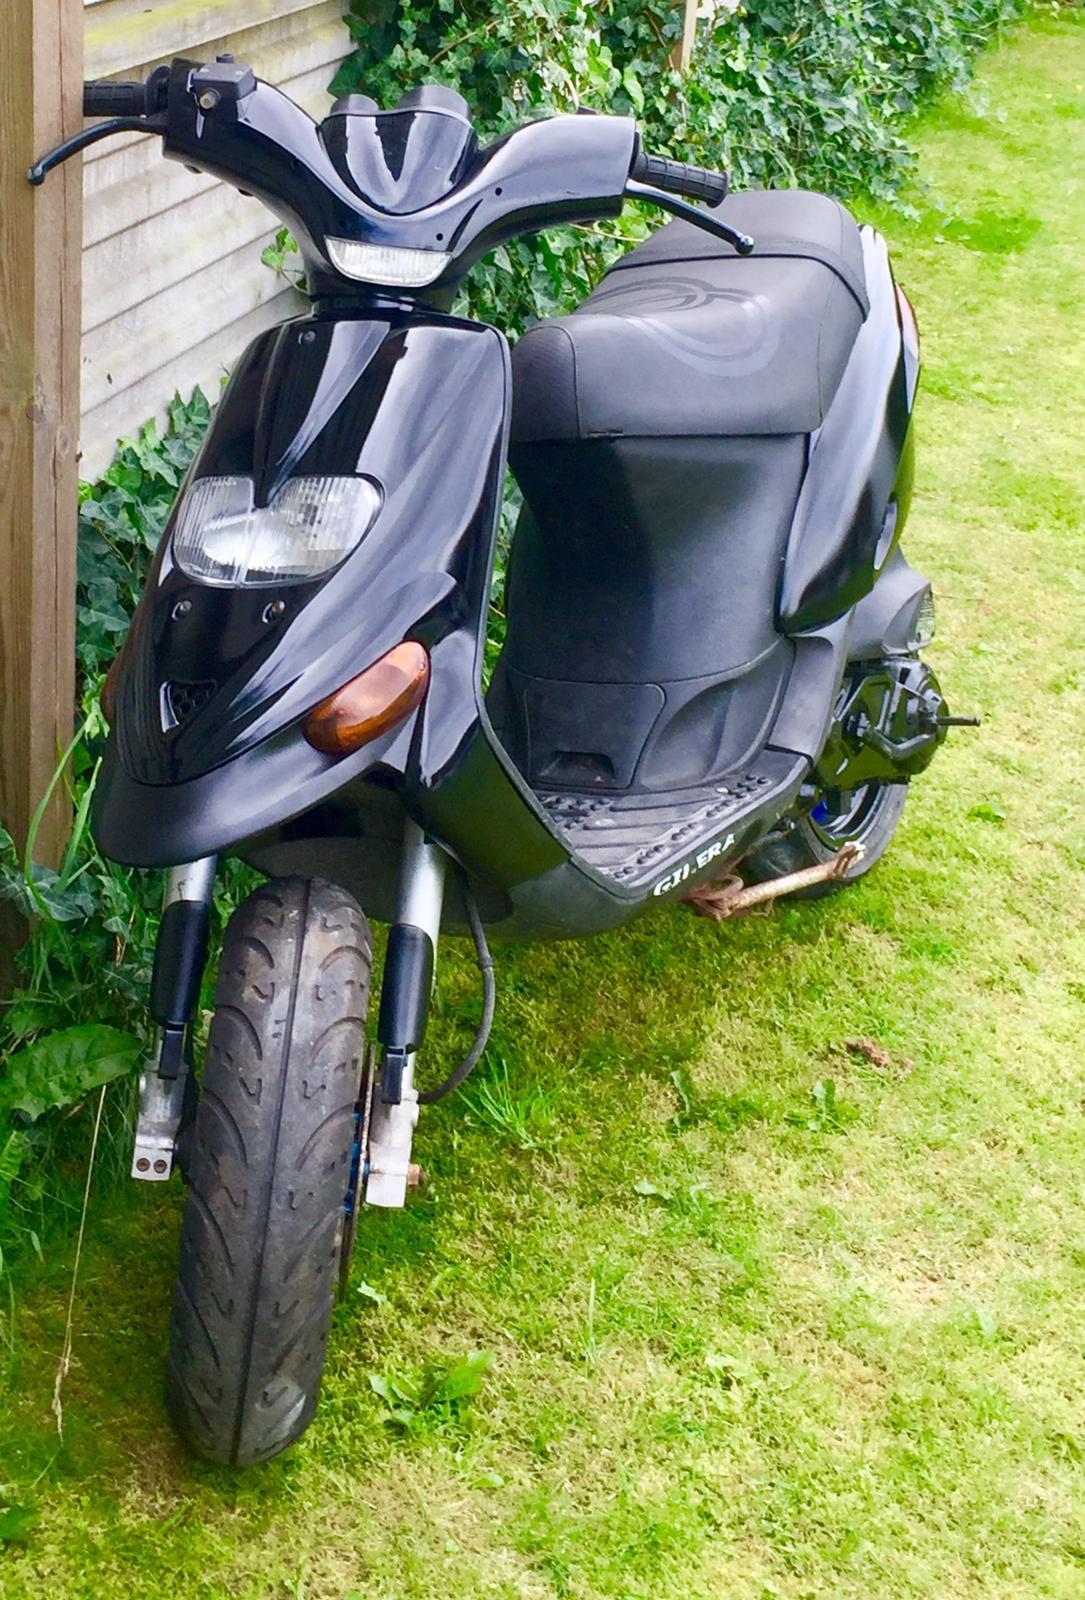 Gilera Stalker - Billeder af scootere - Uploaded af Willy